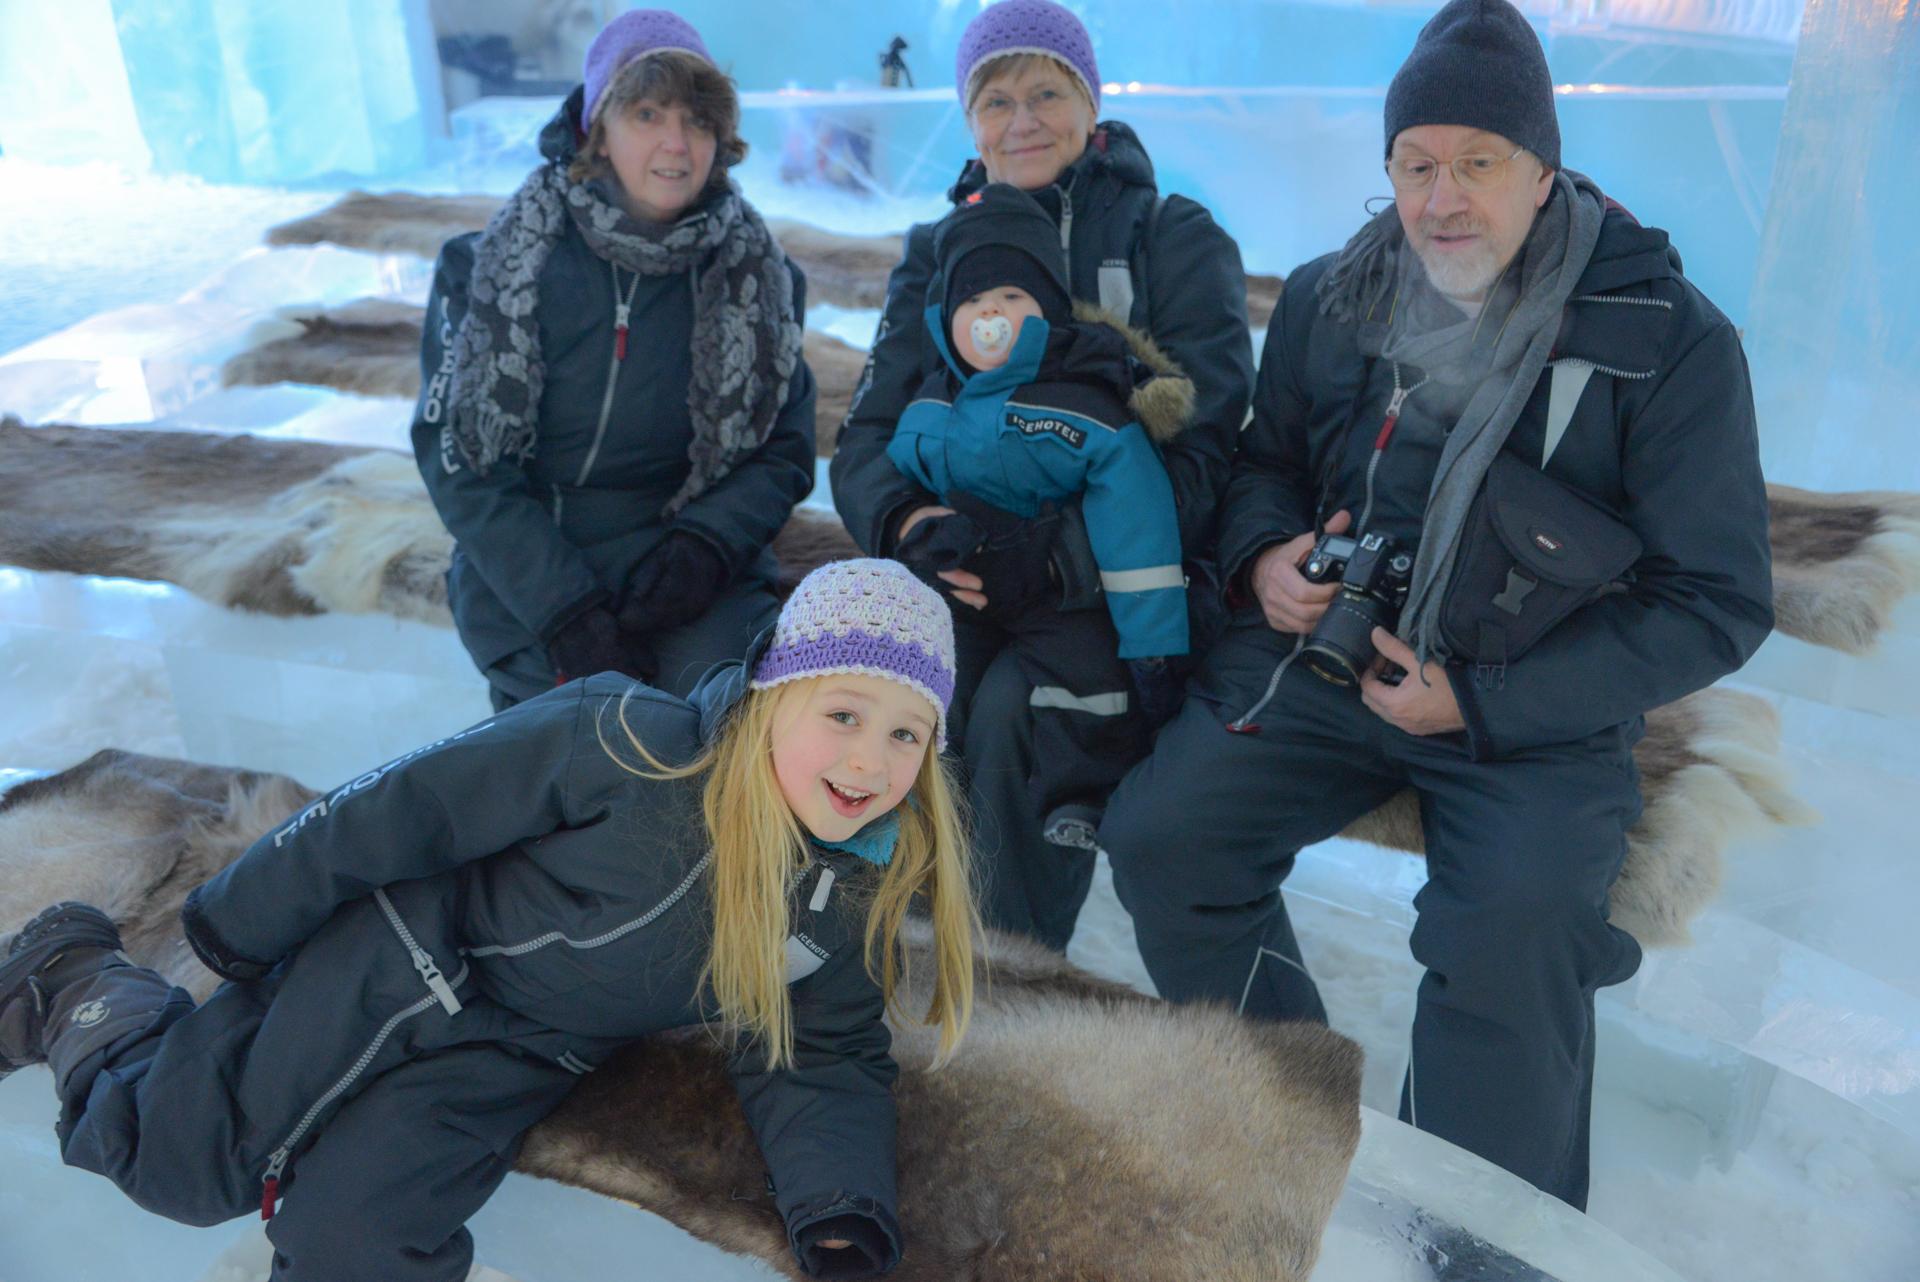 Familie in der Eiskirche